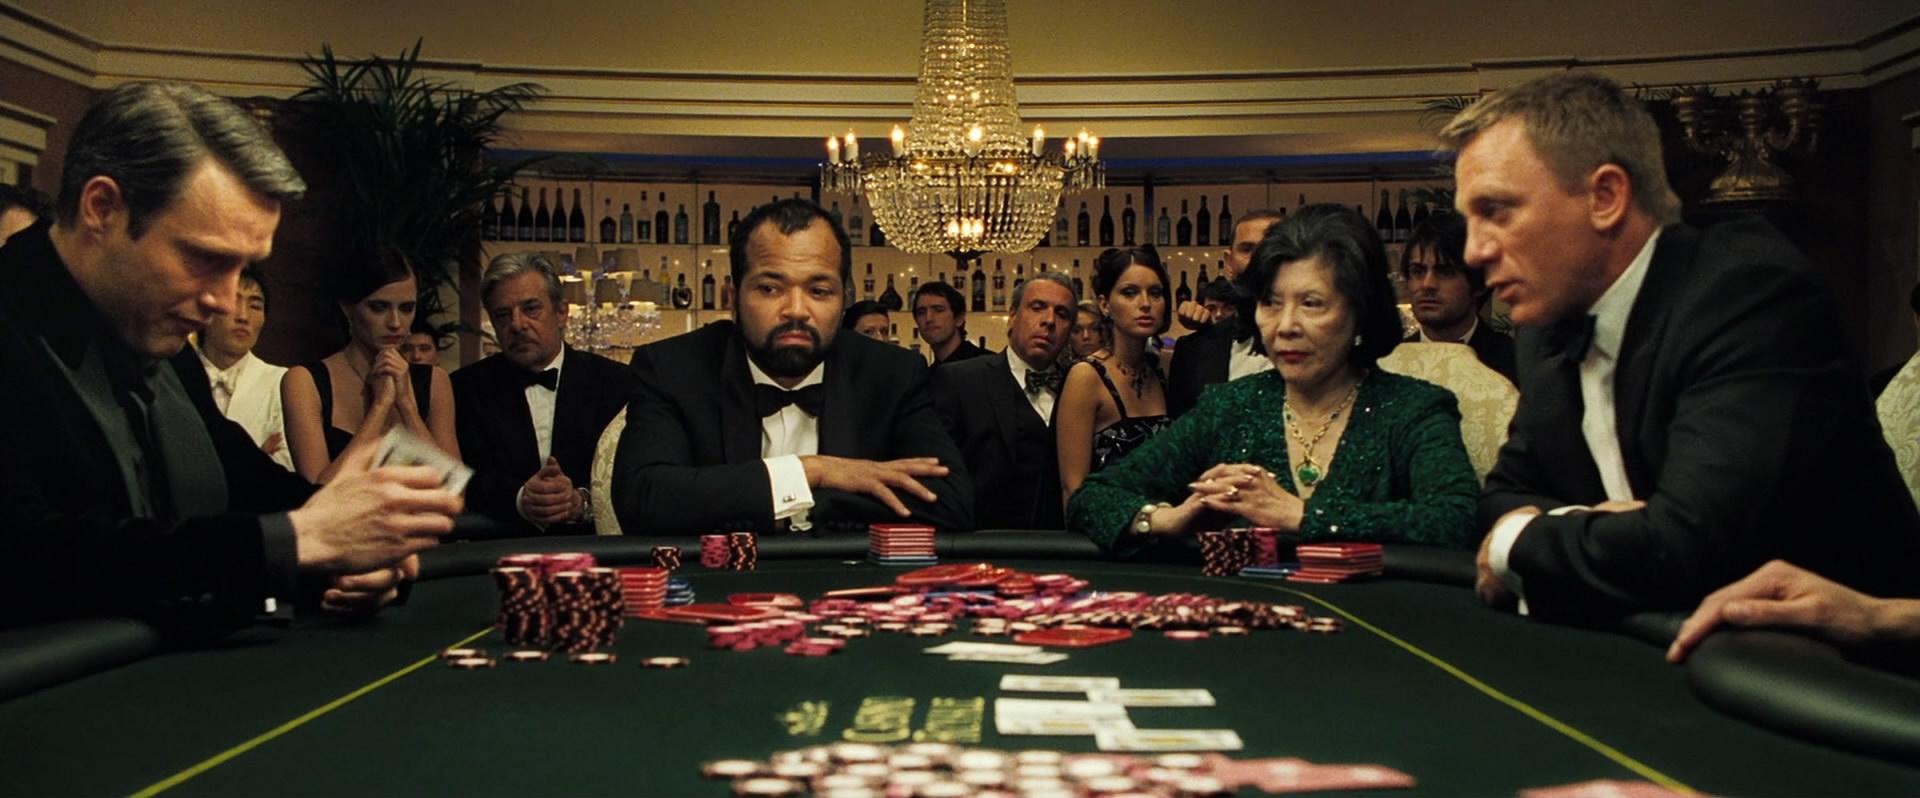 go online gambling casino website casino lists